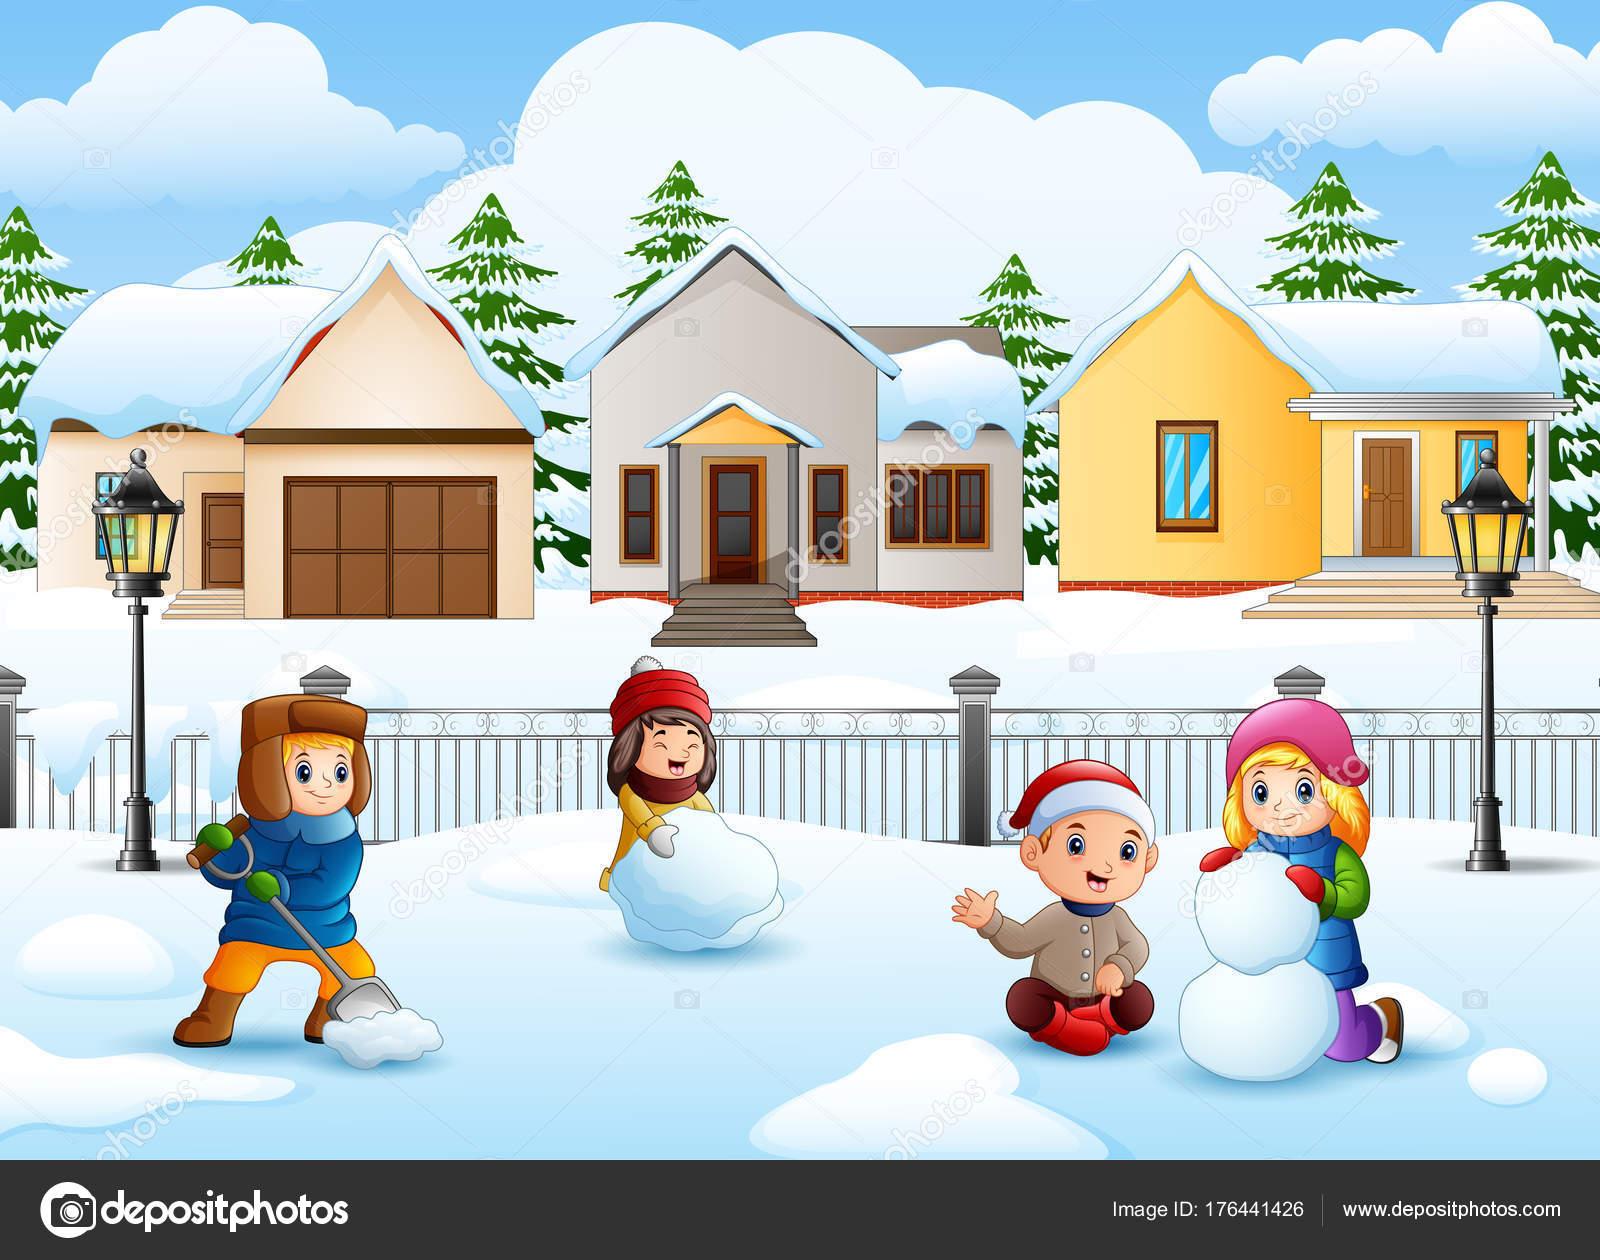 Ilustracion Vector Los Ninos Dibujos Animados Jugando Nieve